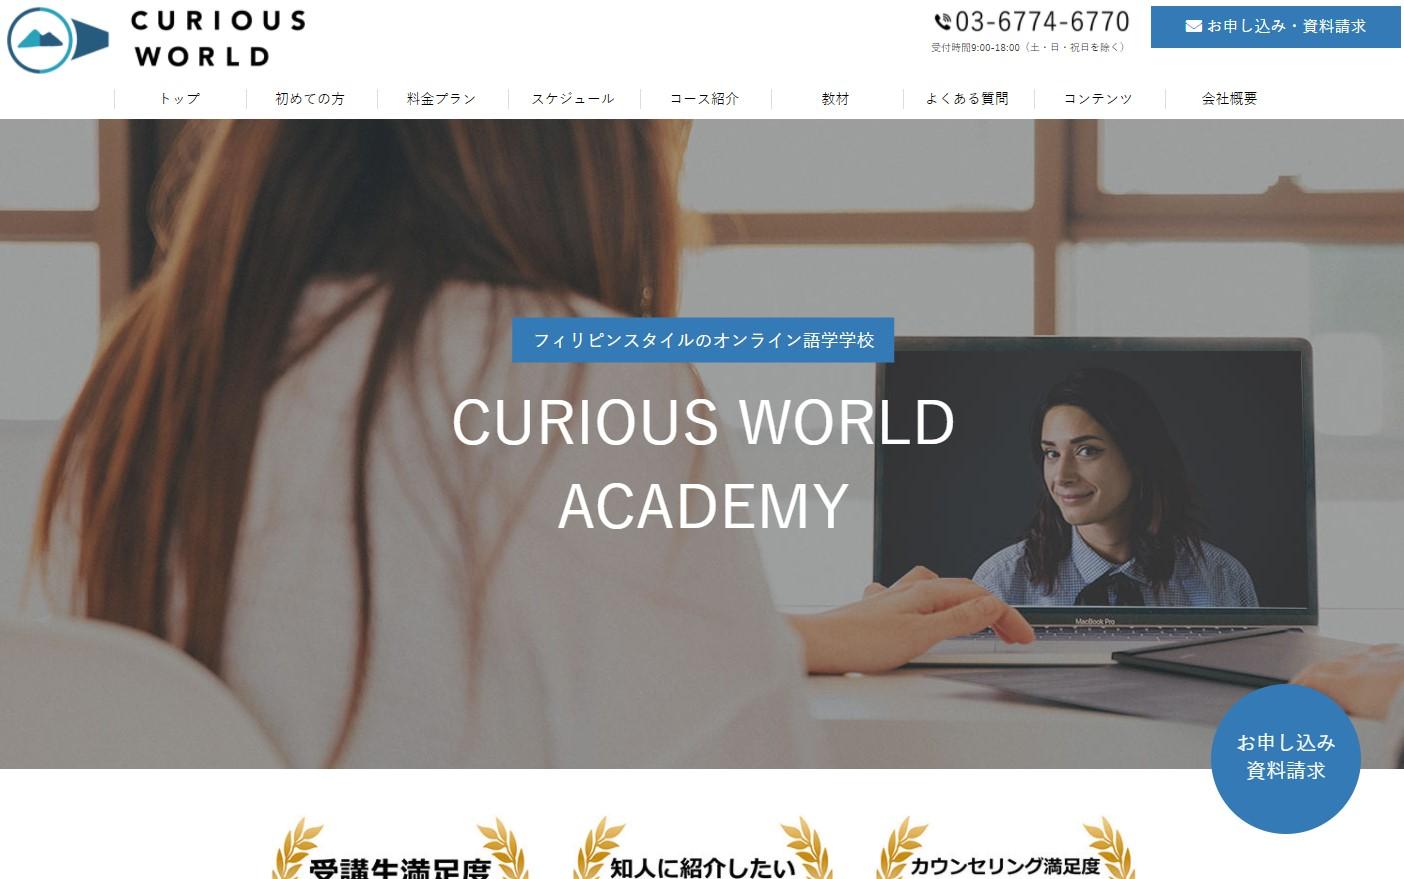 オンライン留学サービス「Curious World Academy」のウェブサイト作成を担当いたしました。